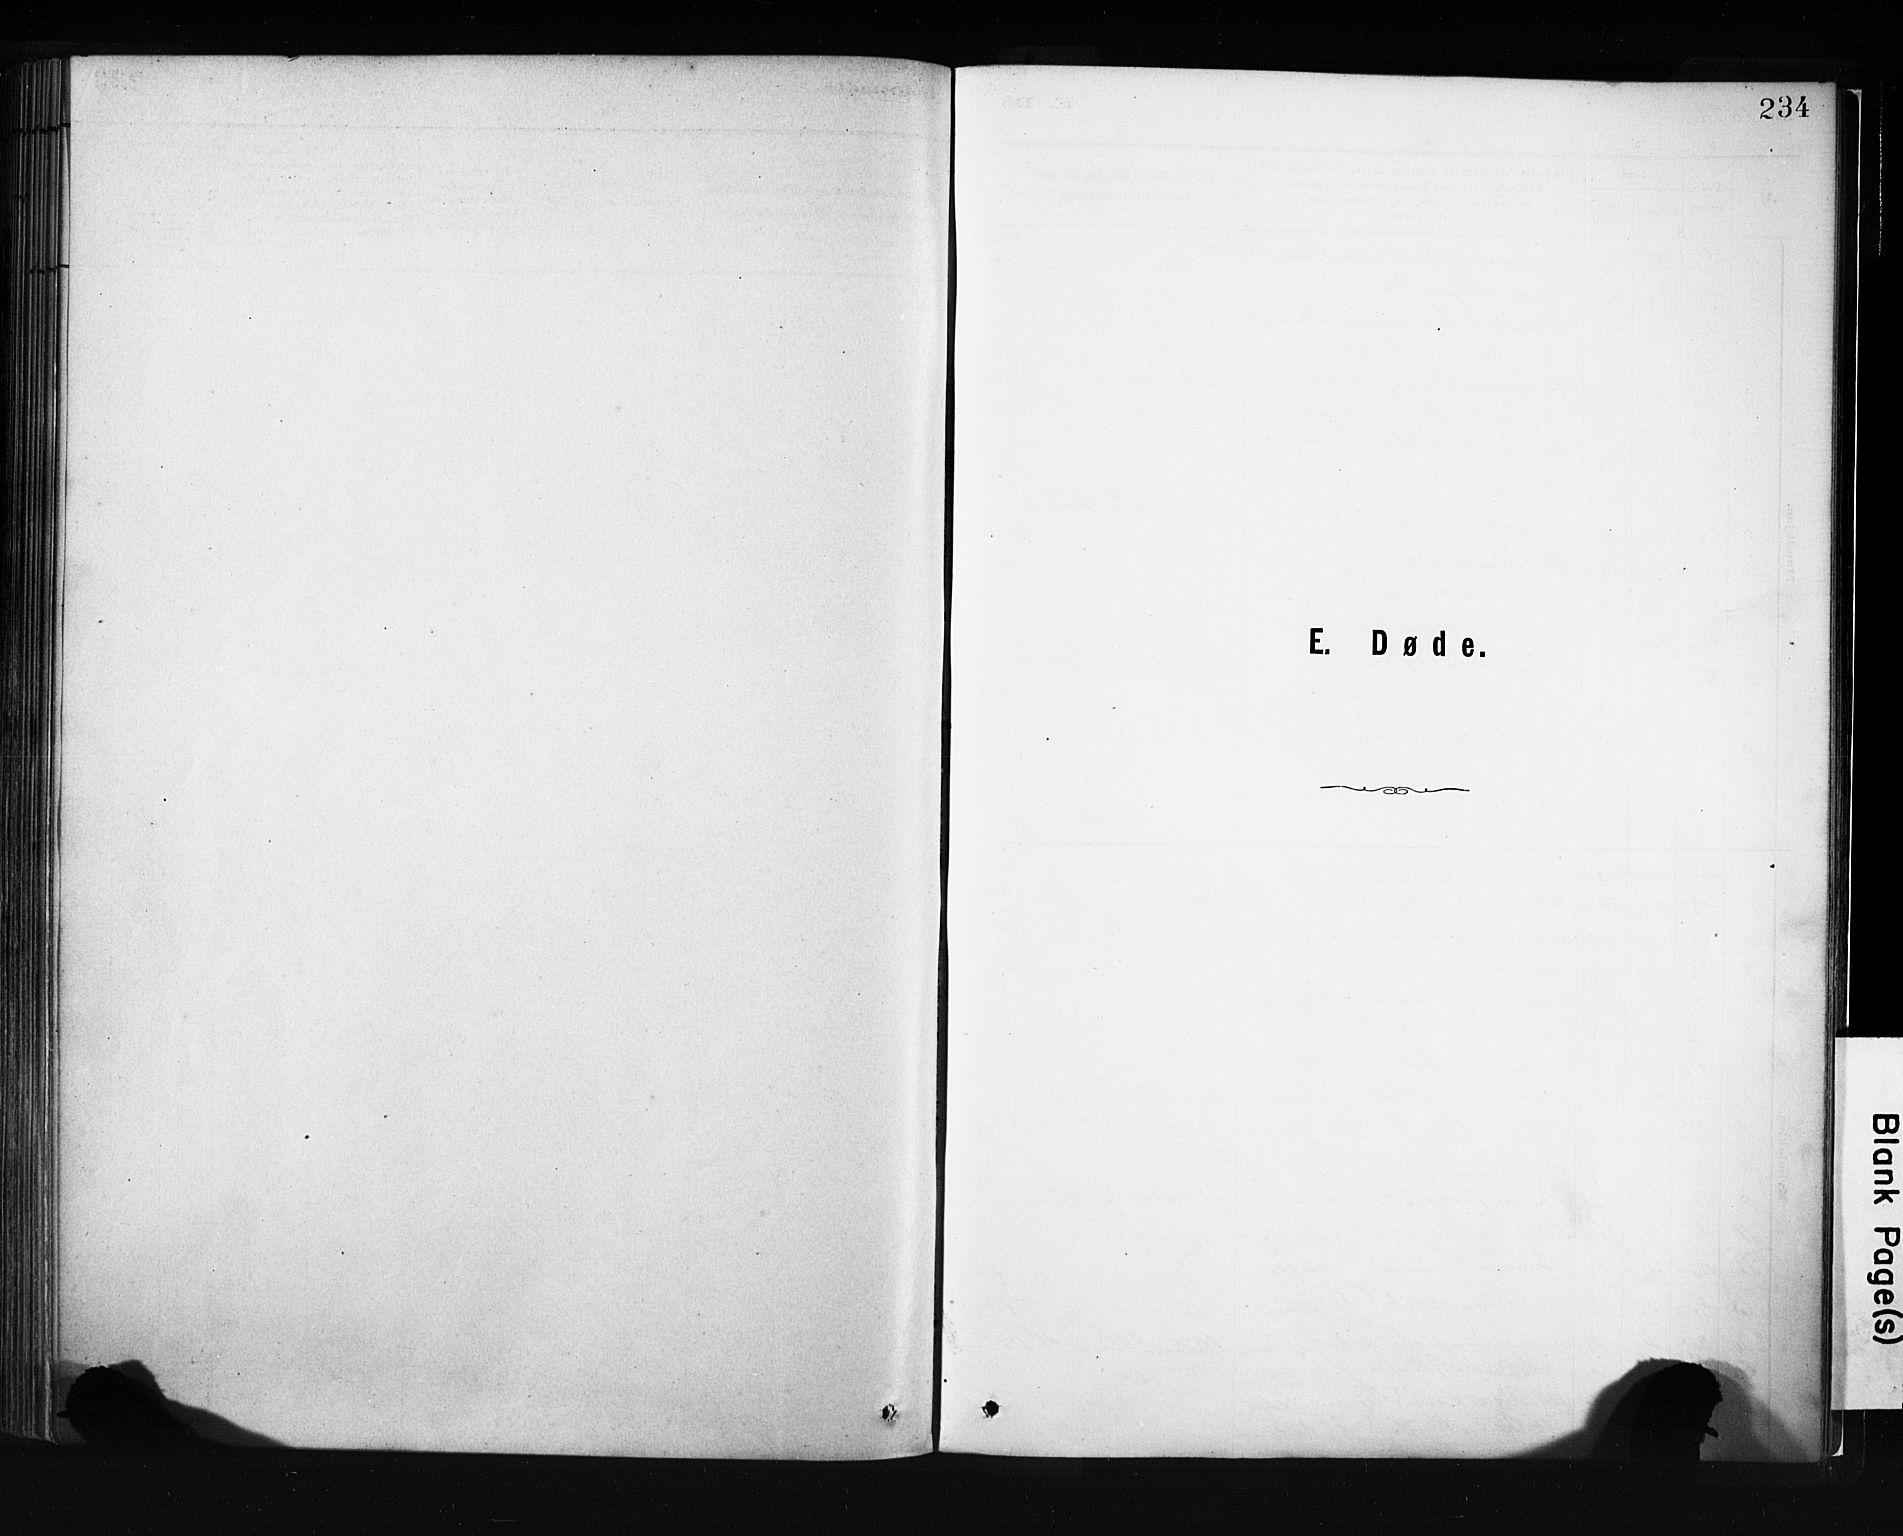 SAB, Evanger sokneprestembete*, Parish register (official) no. A 1, 1877-1899, p. 234